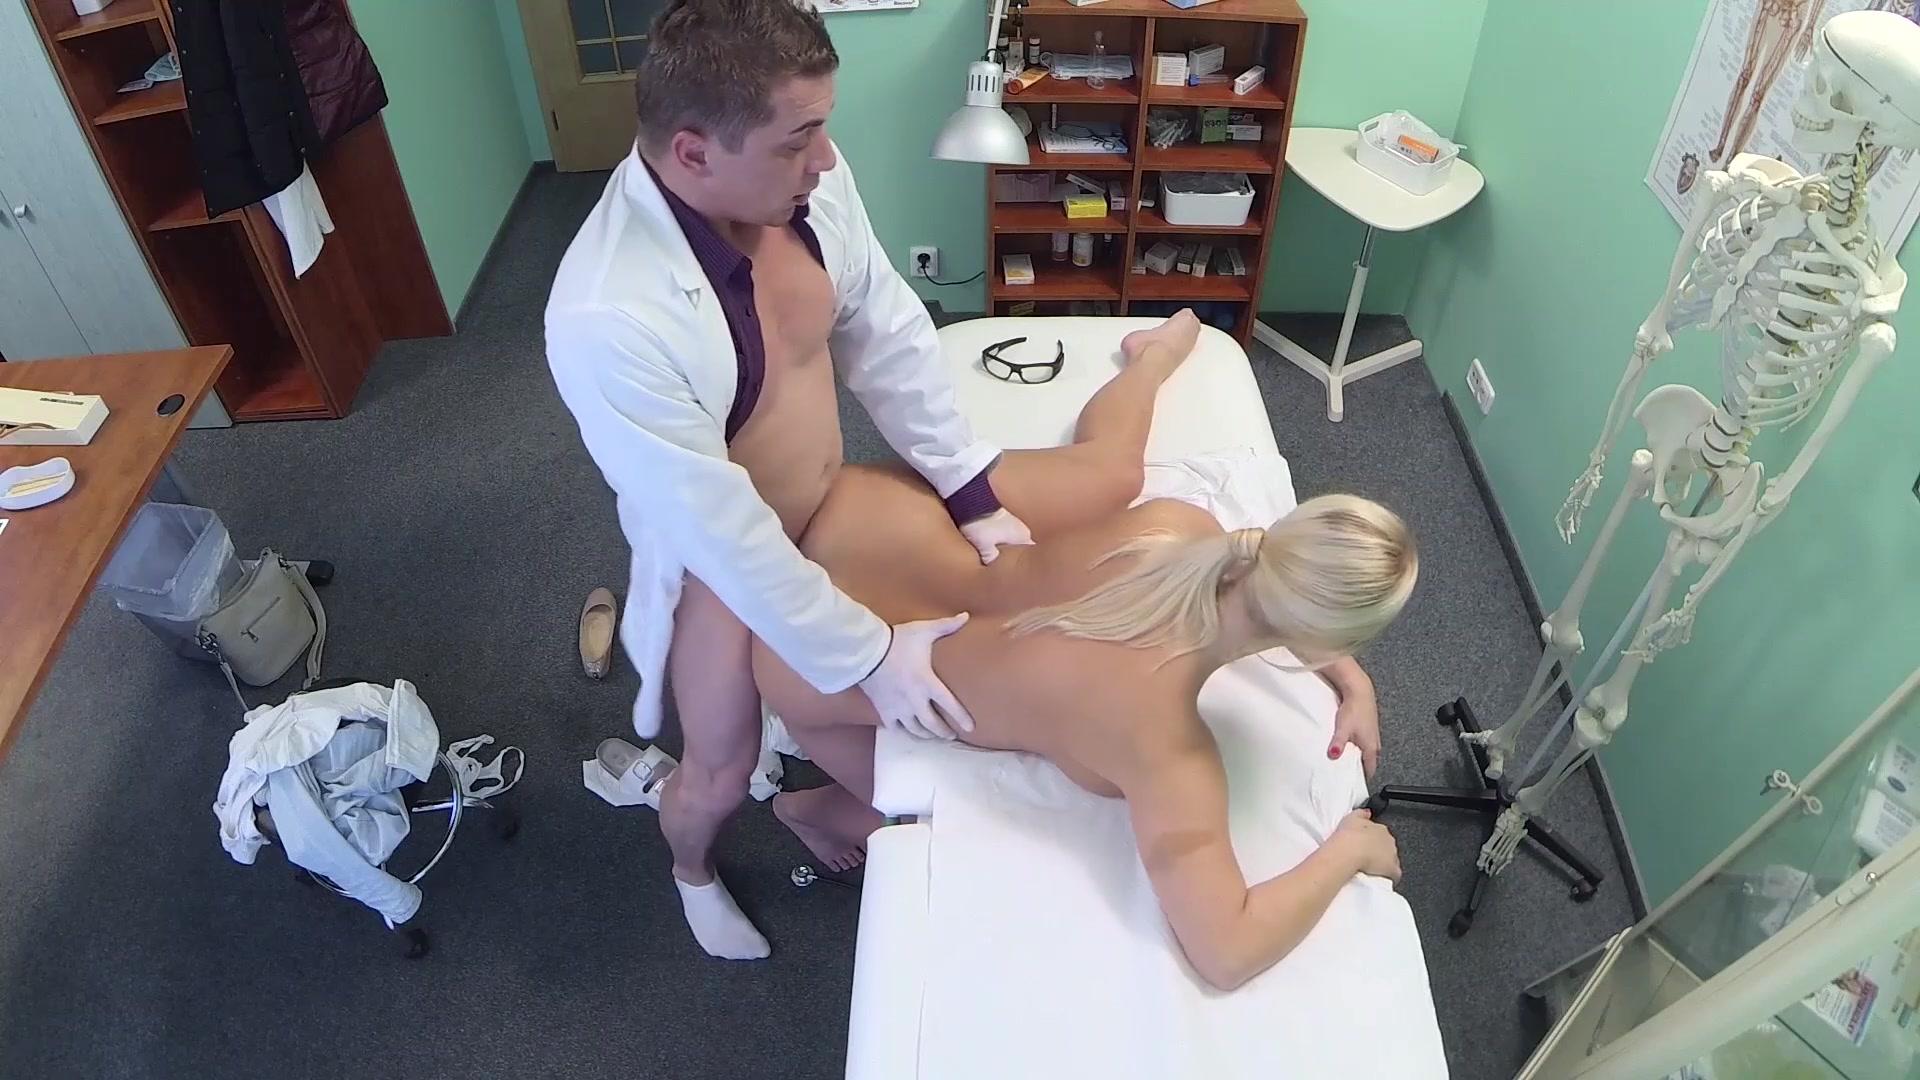 доктор трахает пациентку скрытая камера